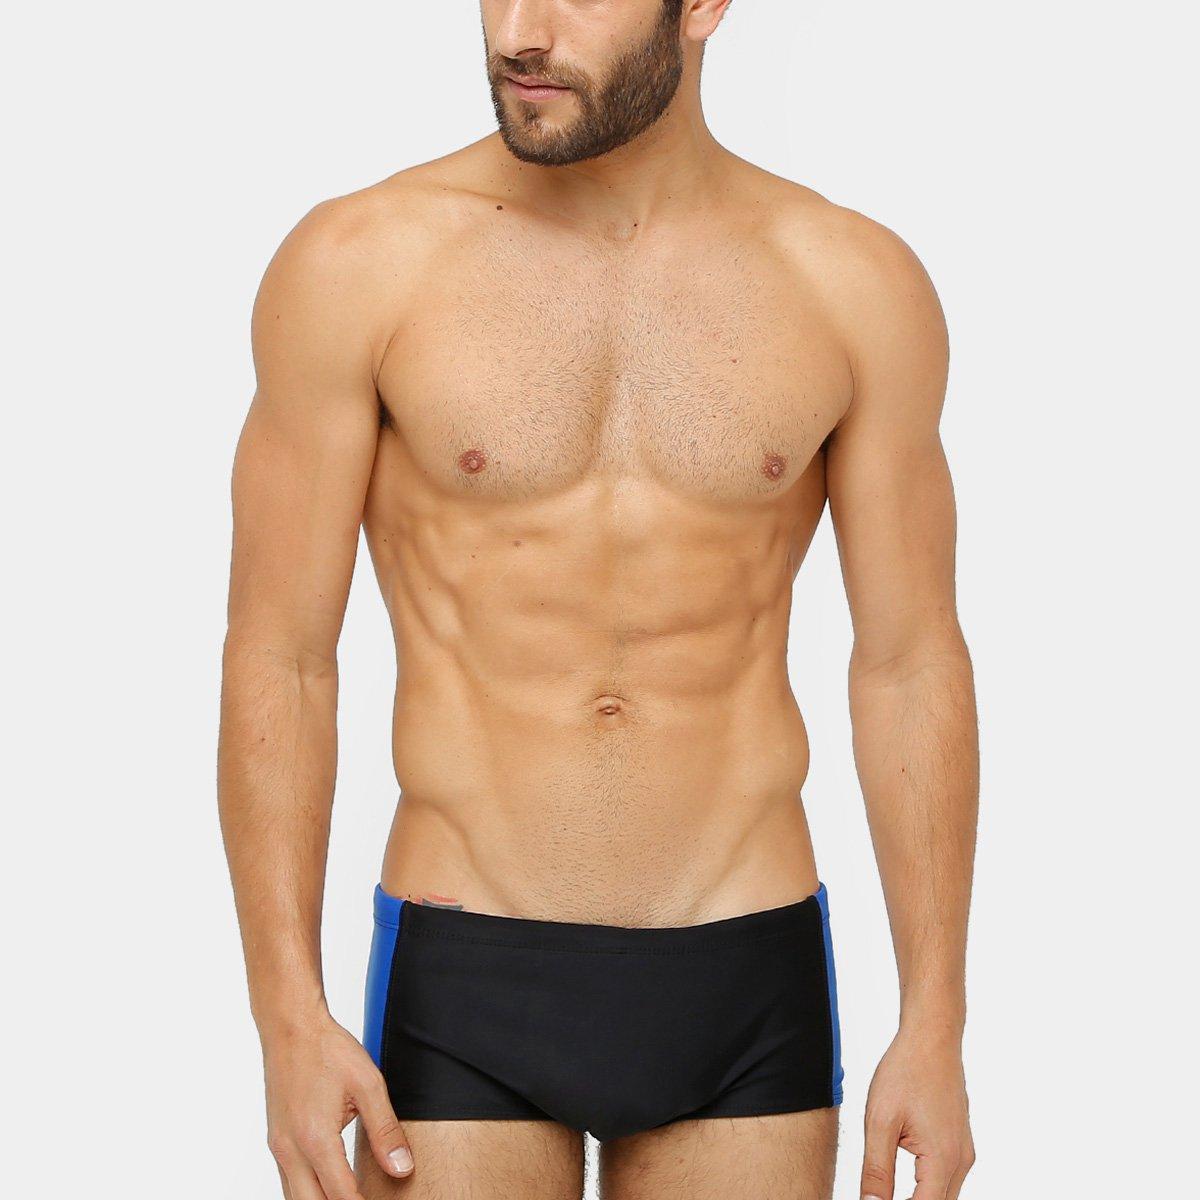 d6fc469122913 Sunga Calvin Klein Basic Friso - Compre Agora